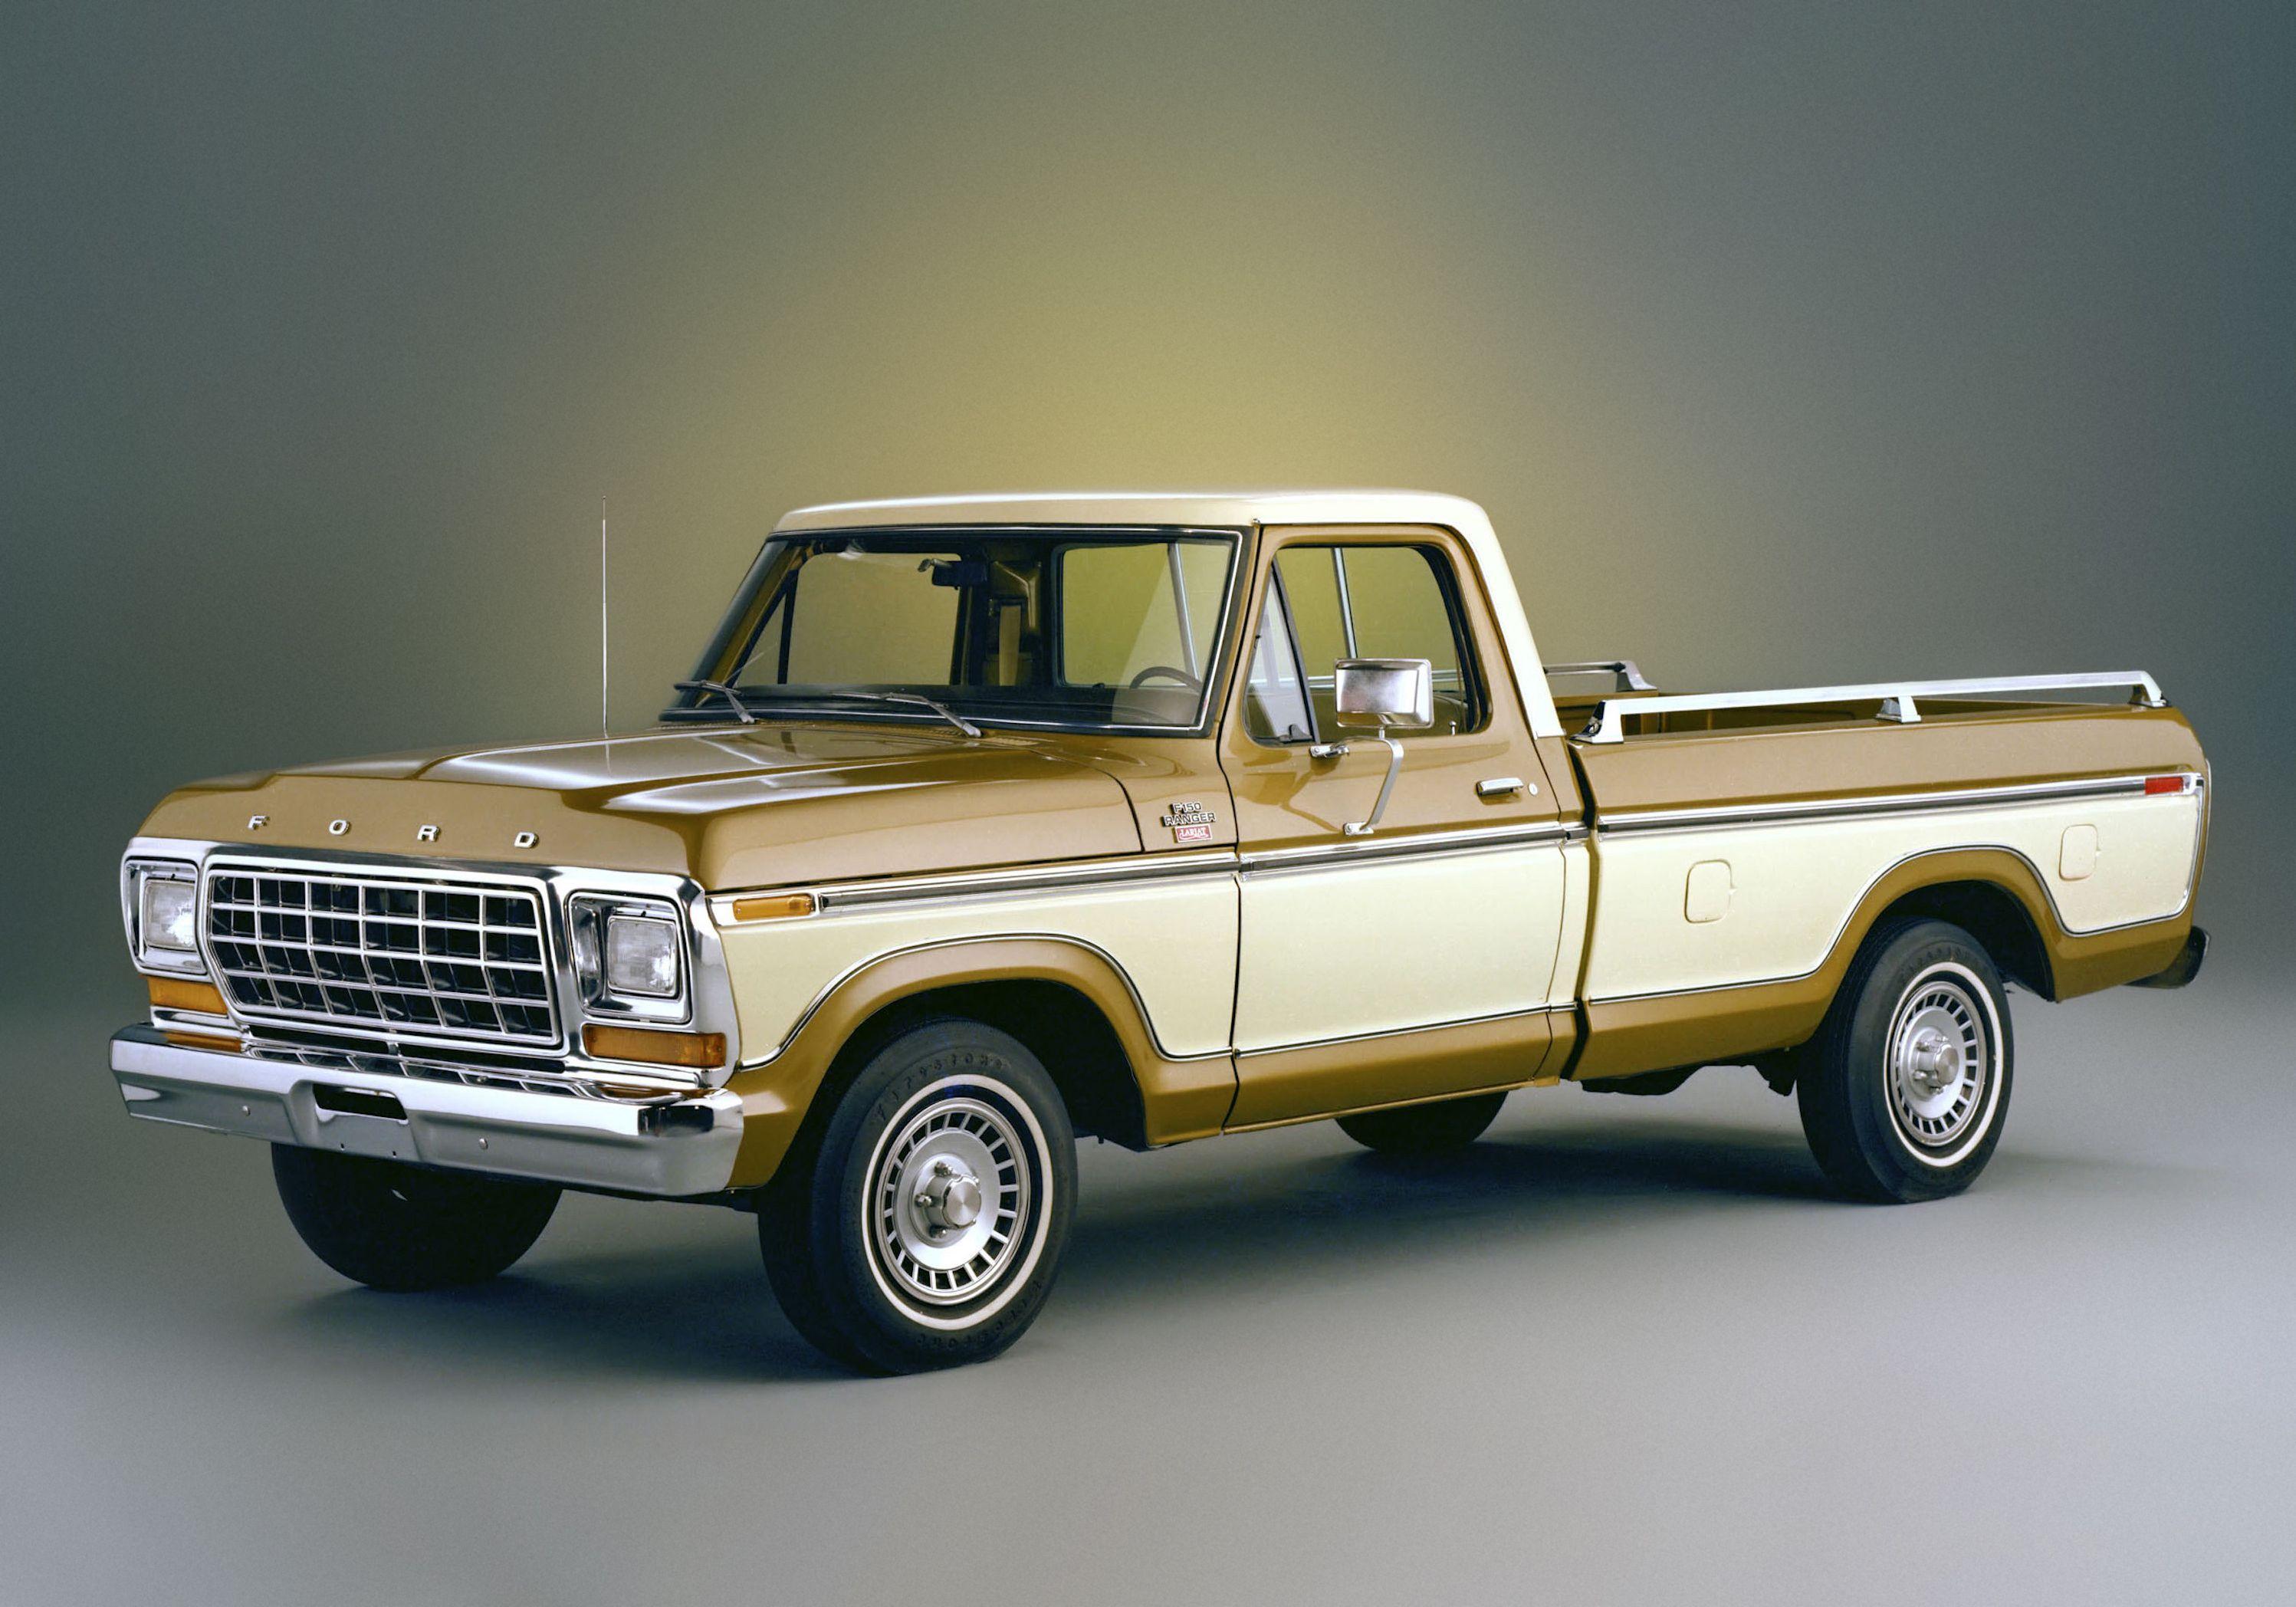 1979 Ford F 150 Ranger Lariat Pickup Ford Trucks 79 Ford Truck Classic Ford Trucks